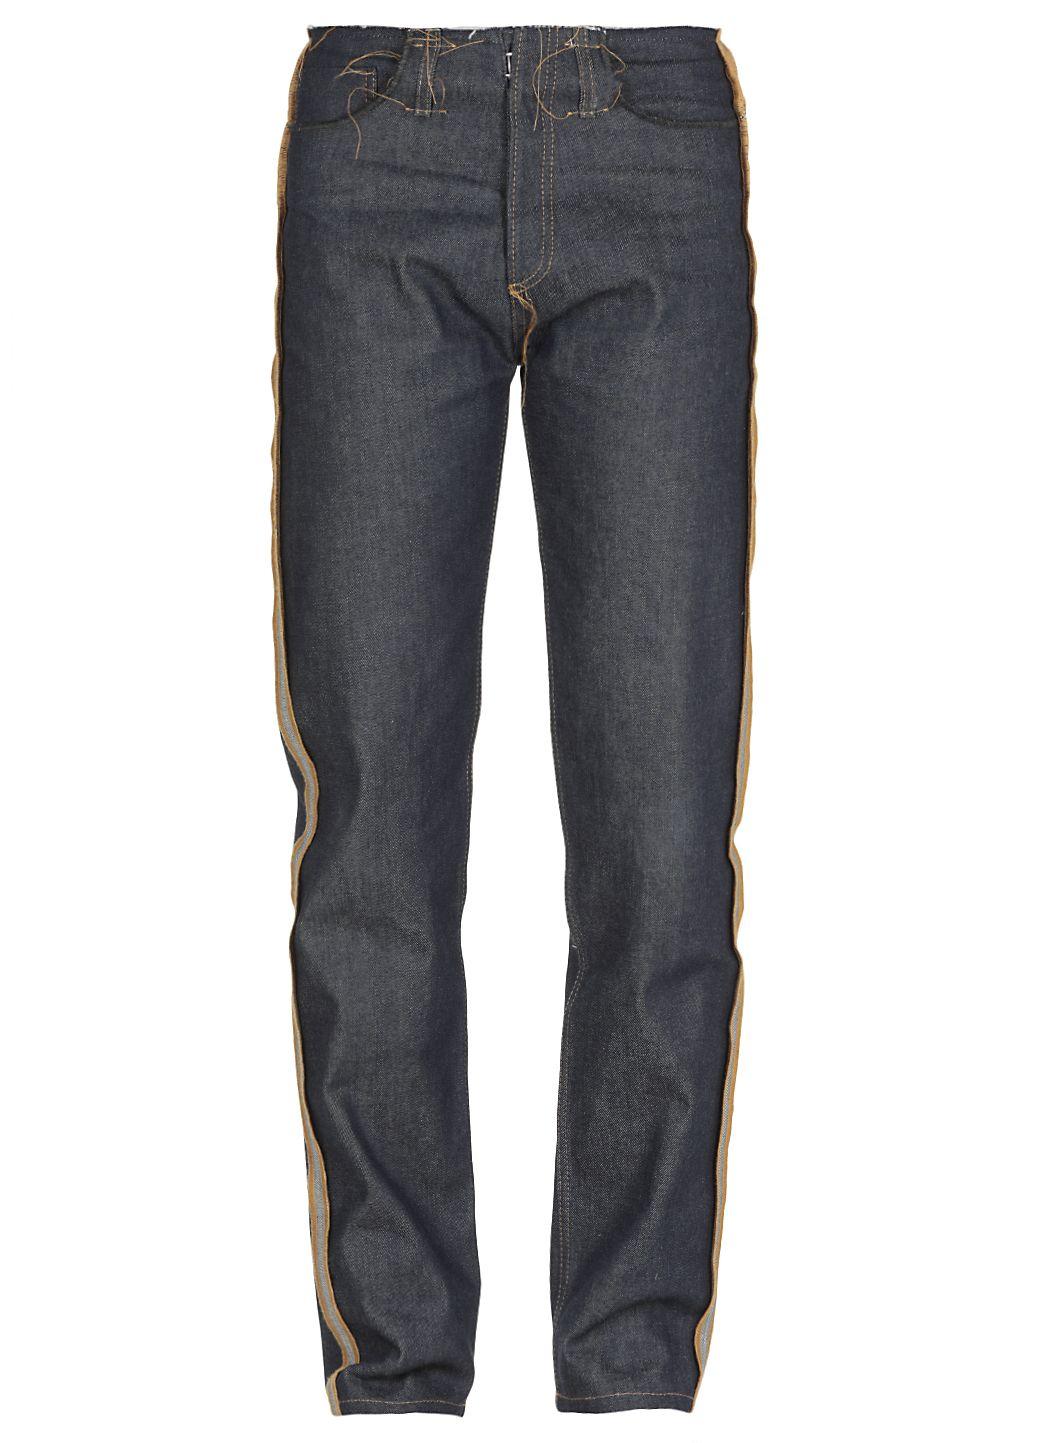 Jeans in cotone con cuciture a taglio vivo